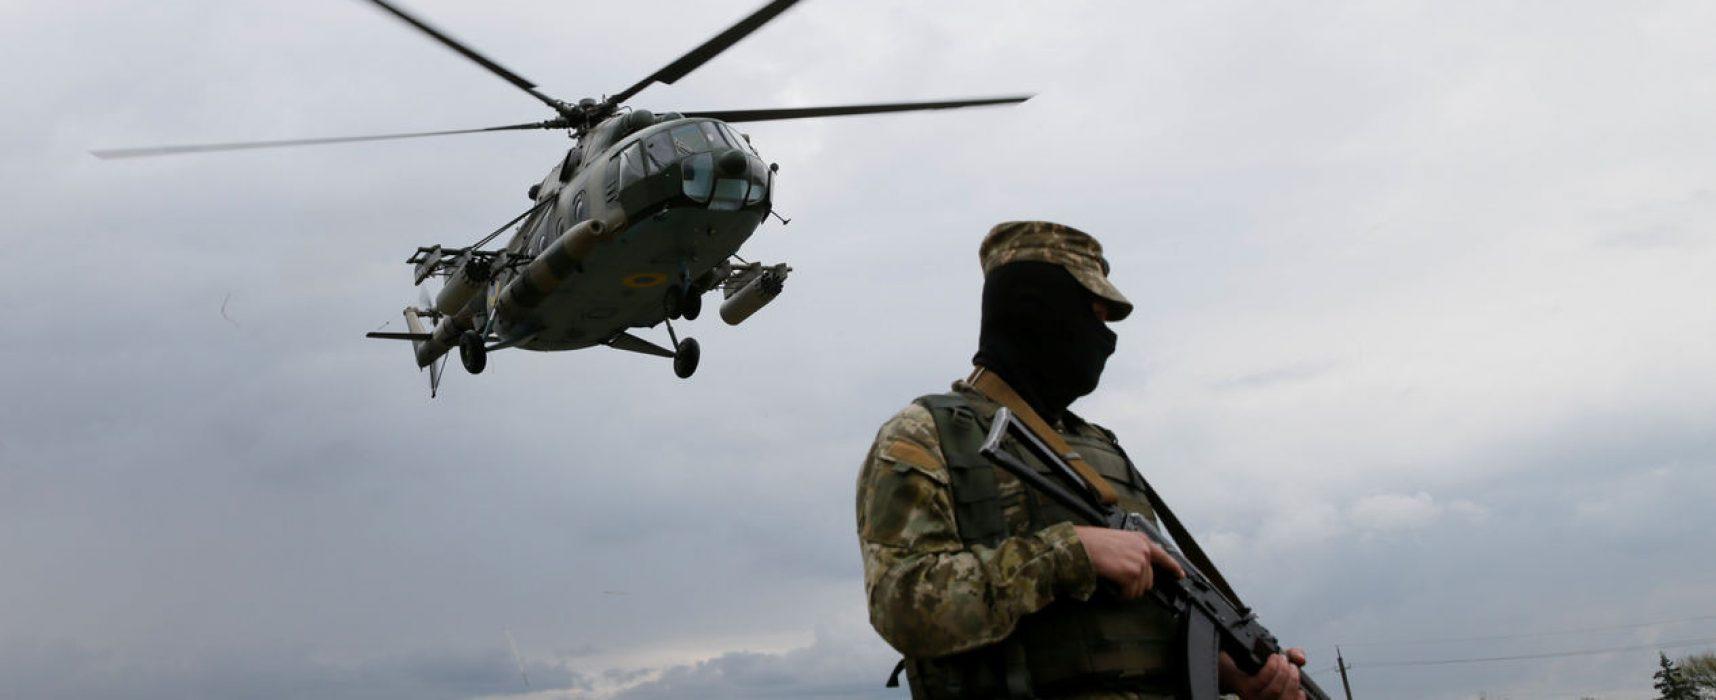 Ruská propaganda je jako narkoman, Moskva používá místní obyvatele coby živý štít